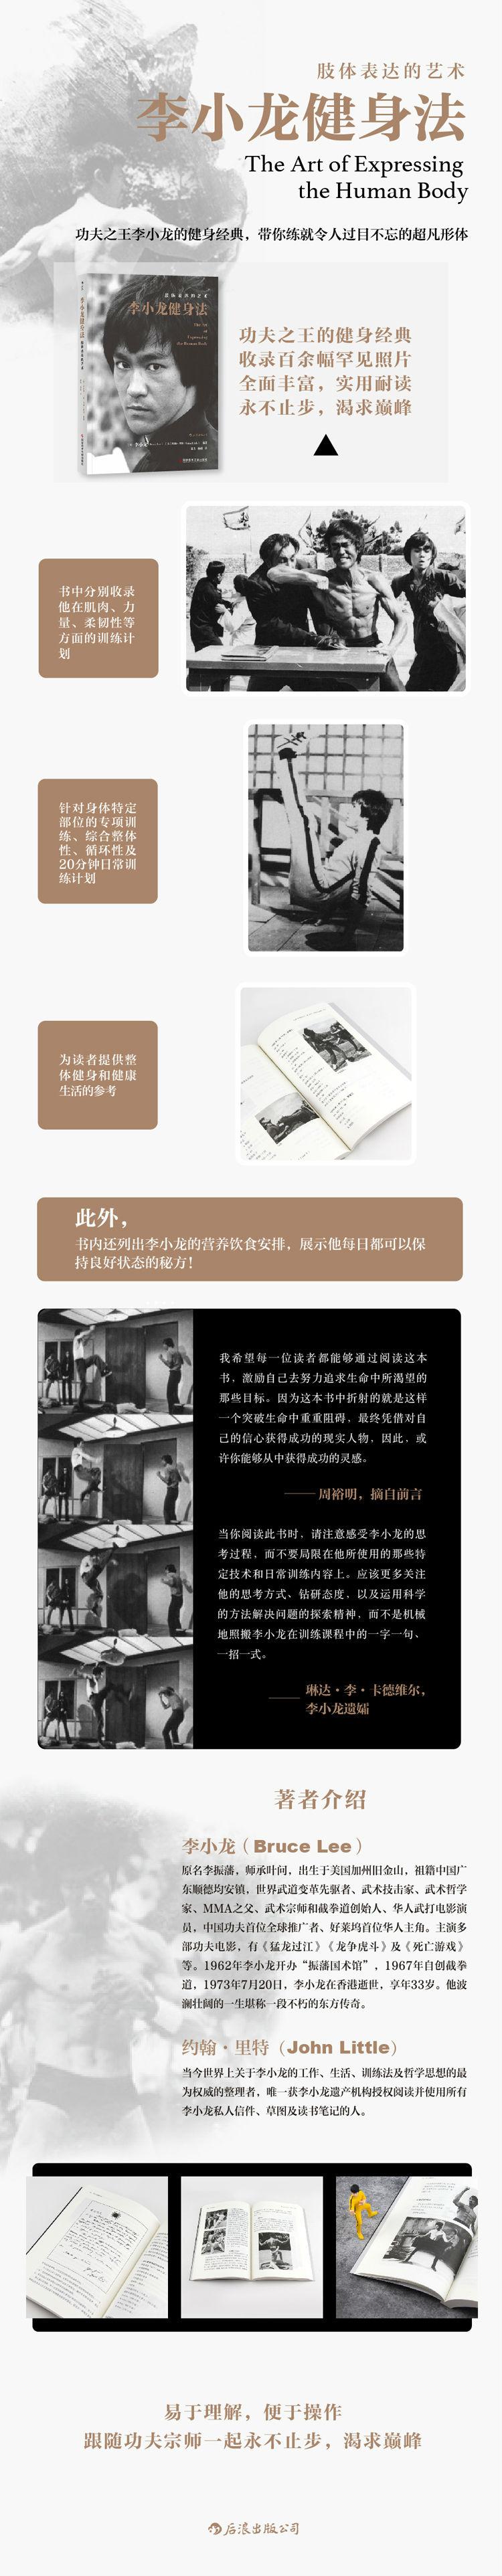 李小龍健身法-肢体表達的芸術